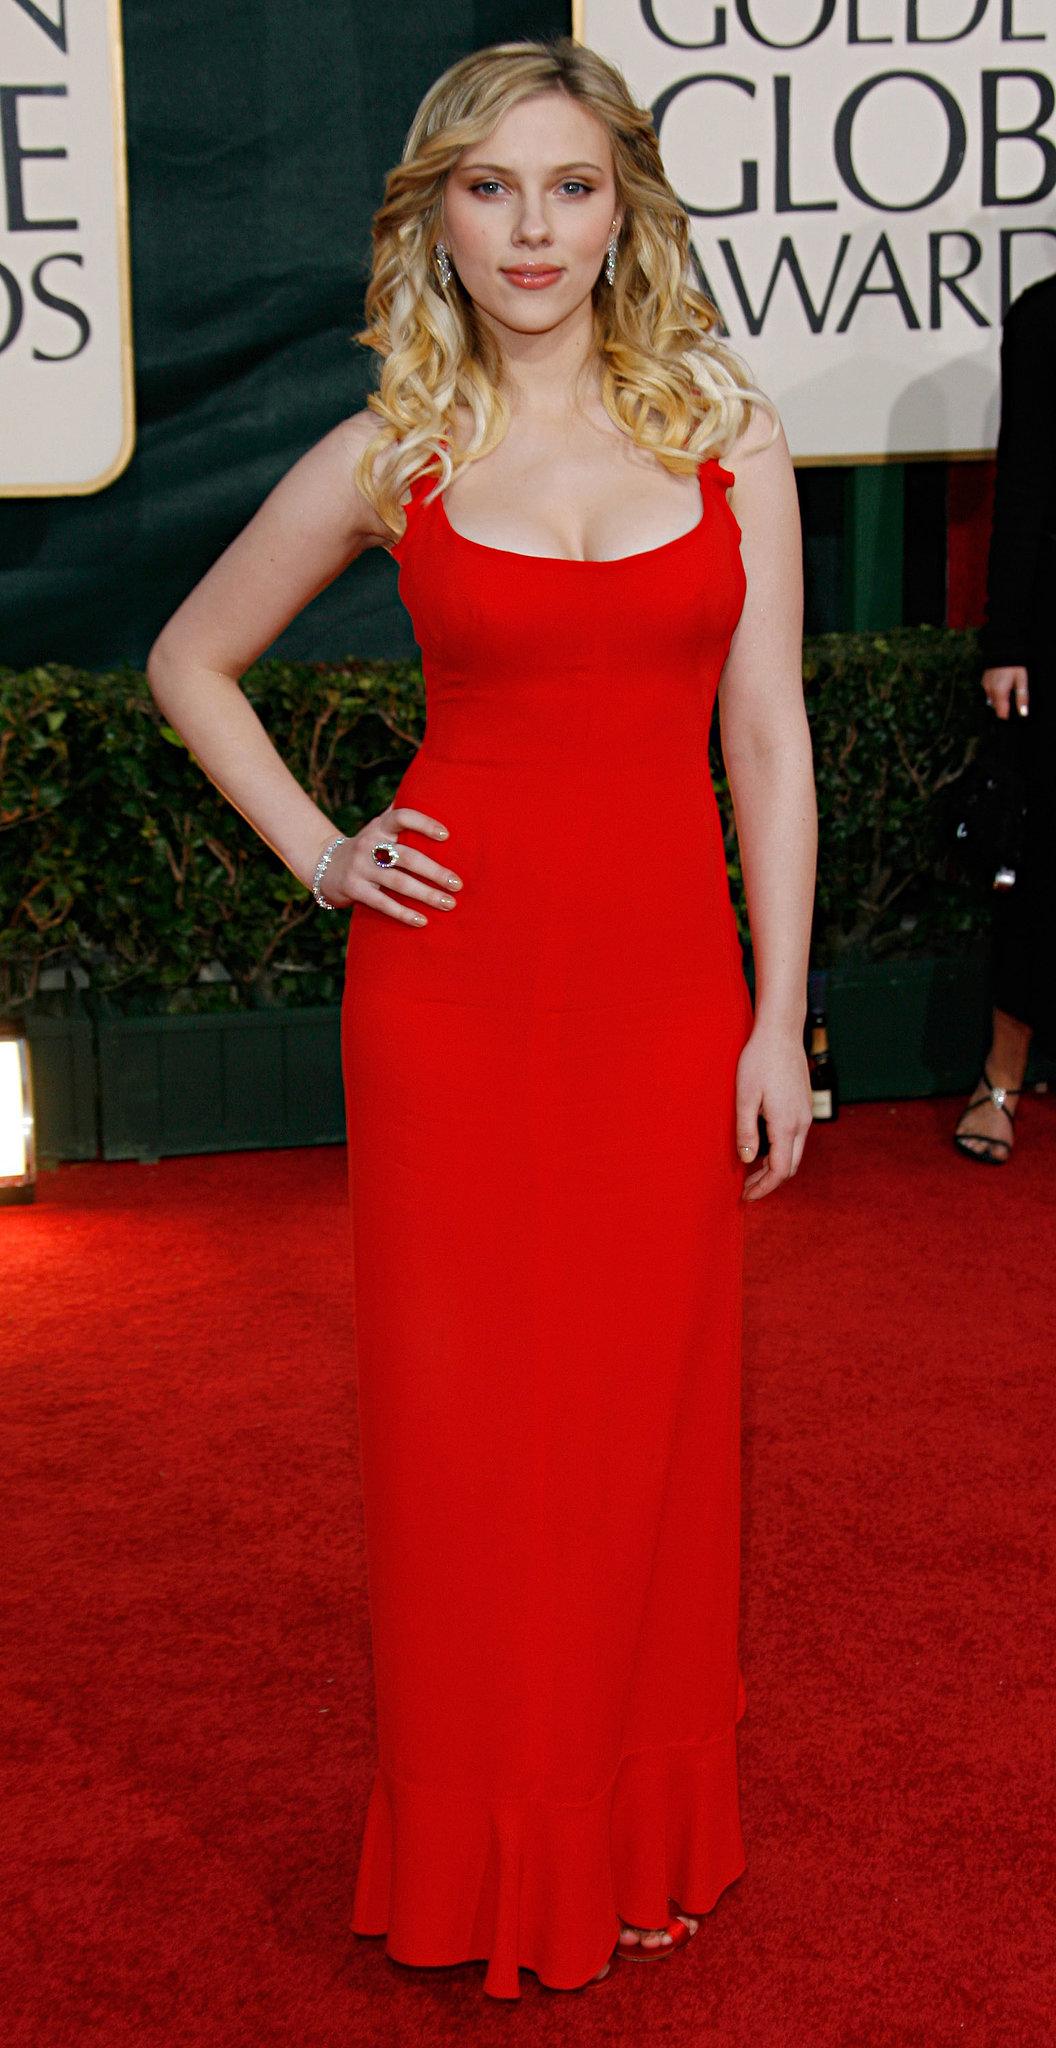 Scarlet Red Dresses